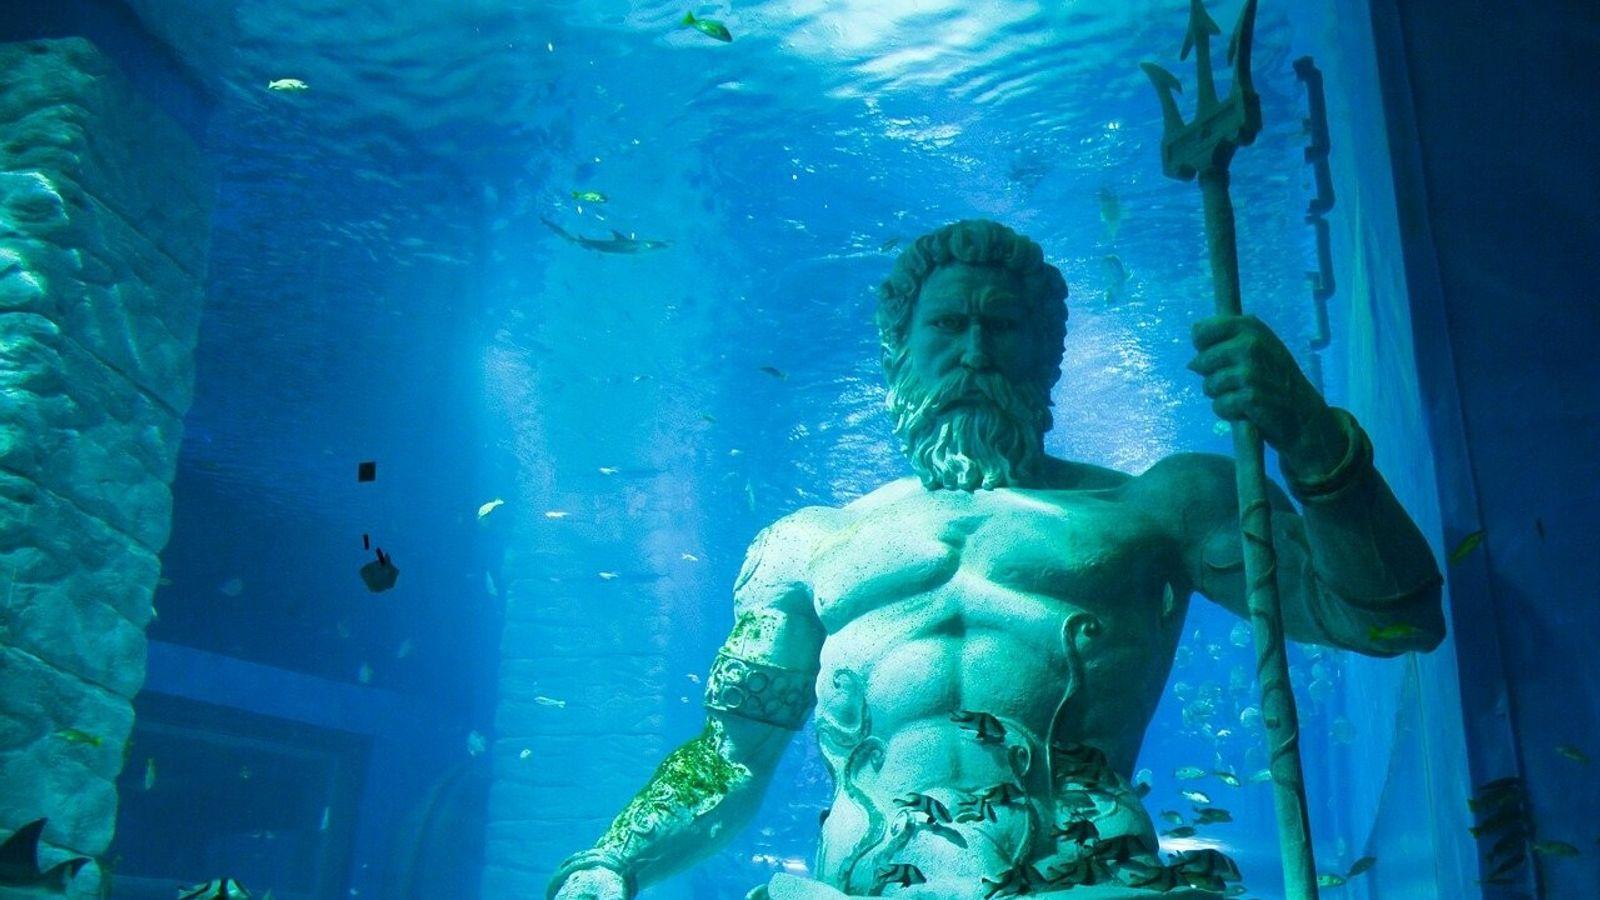 Les rois de l'Atlantide auraient été, selon Platon, les descendants directs du dieu Poséidon.